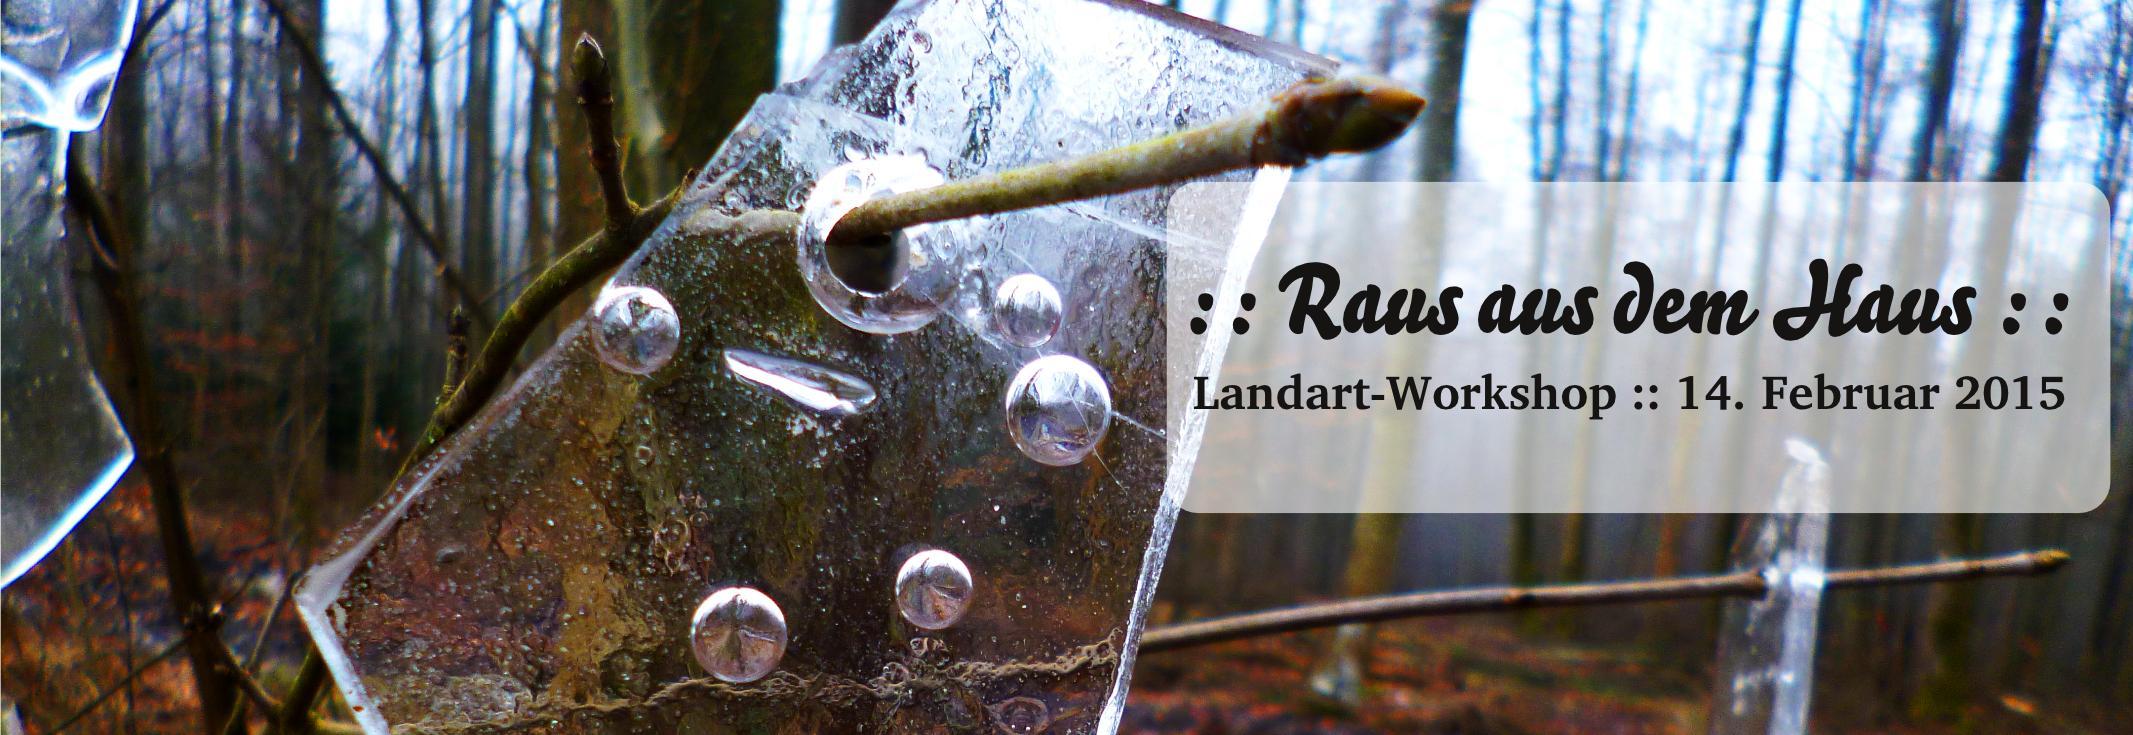 landart_teaser